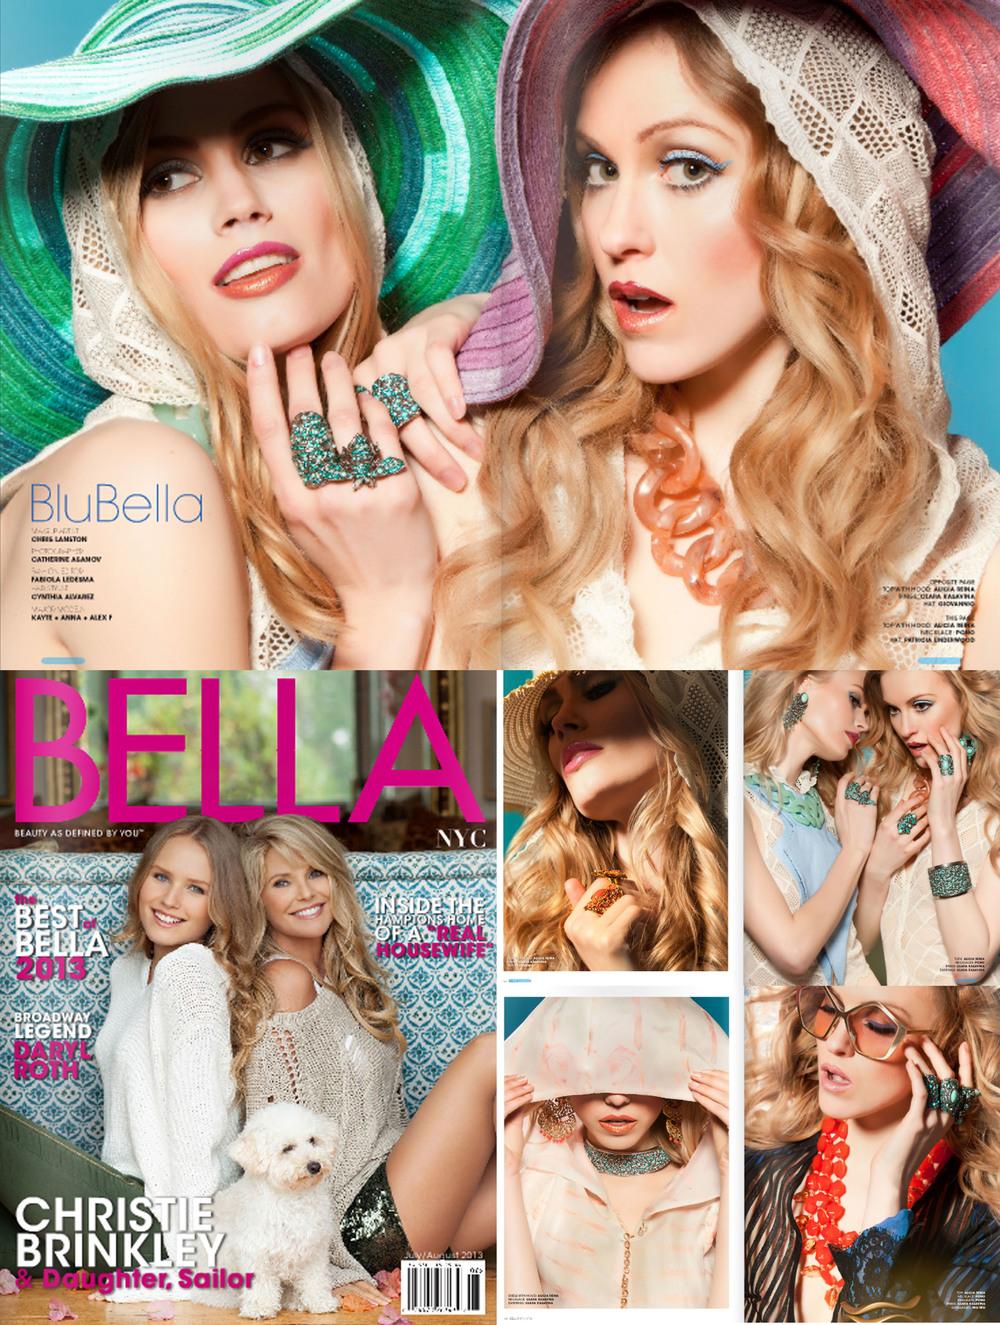 BluBella